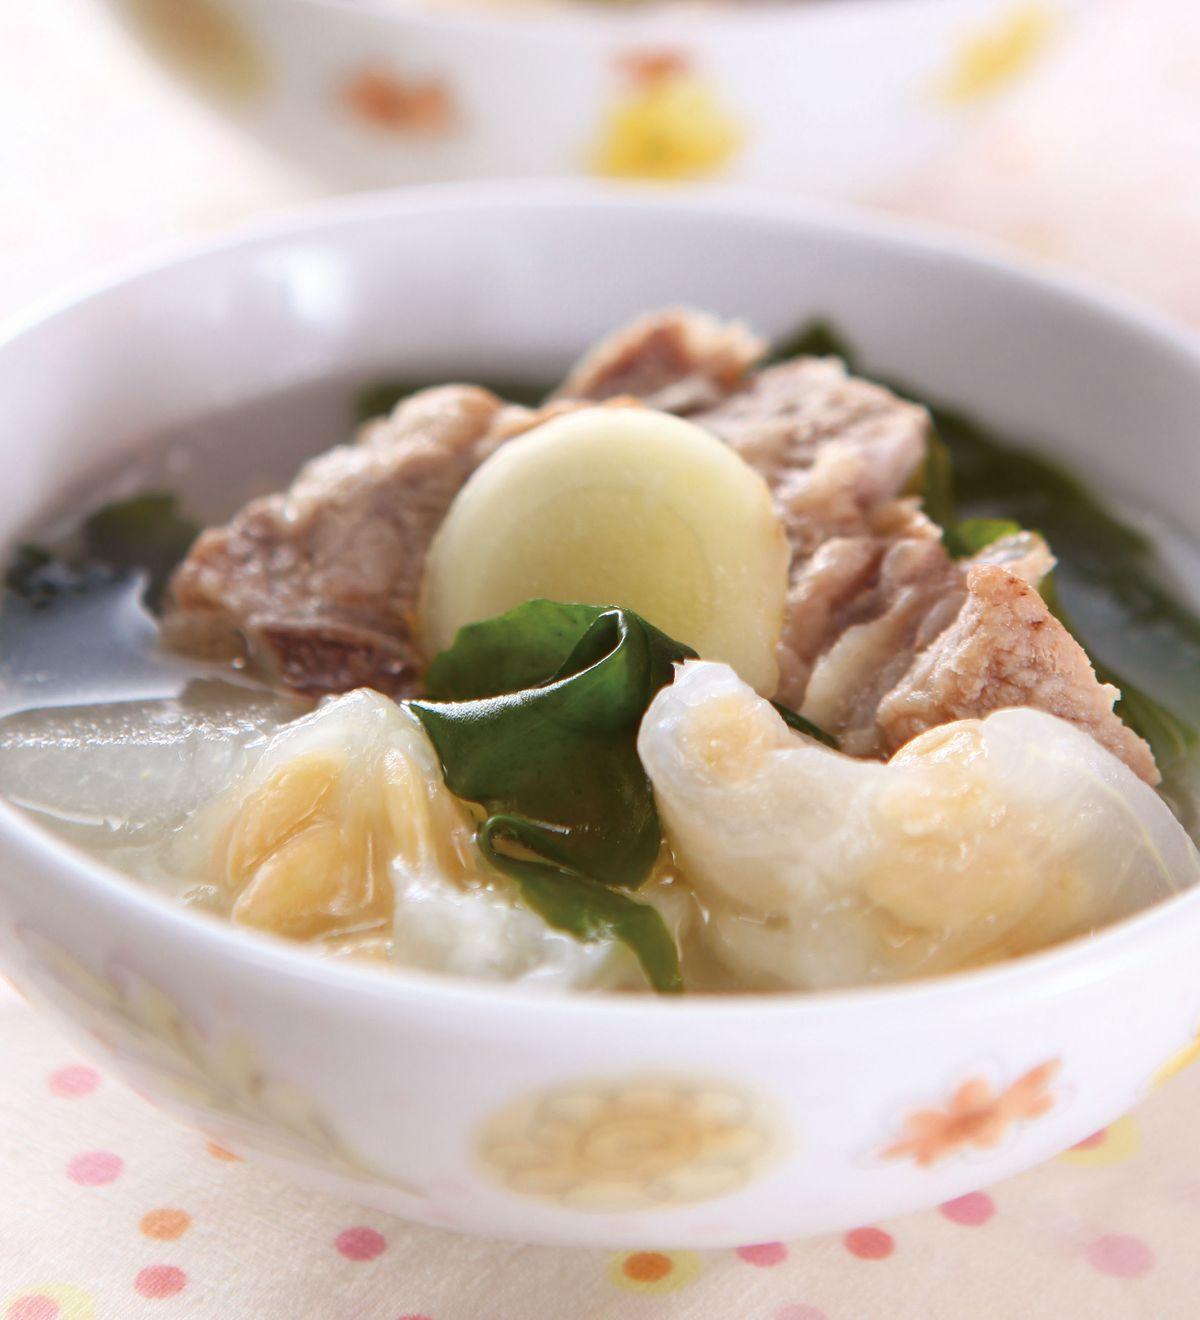 食譜:冬瓜籽排骨海帶芽湯